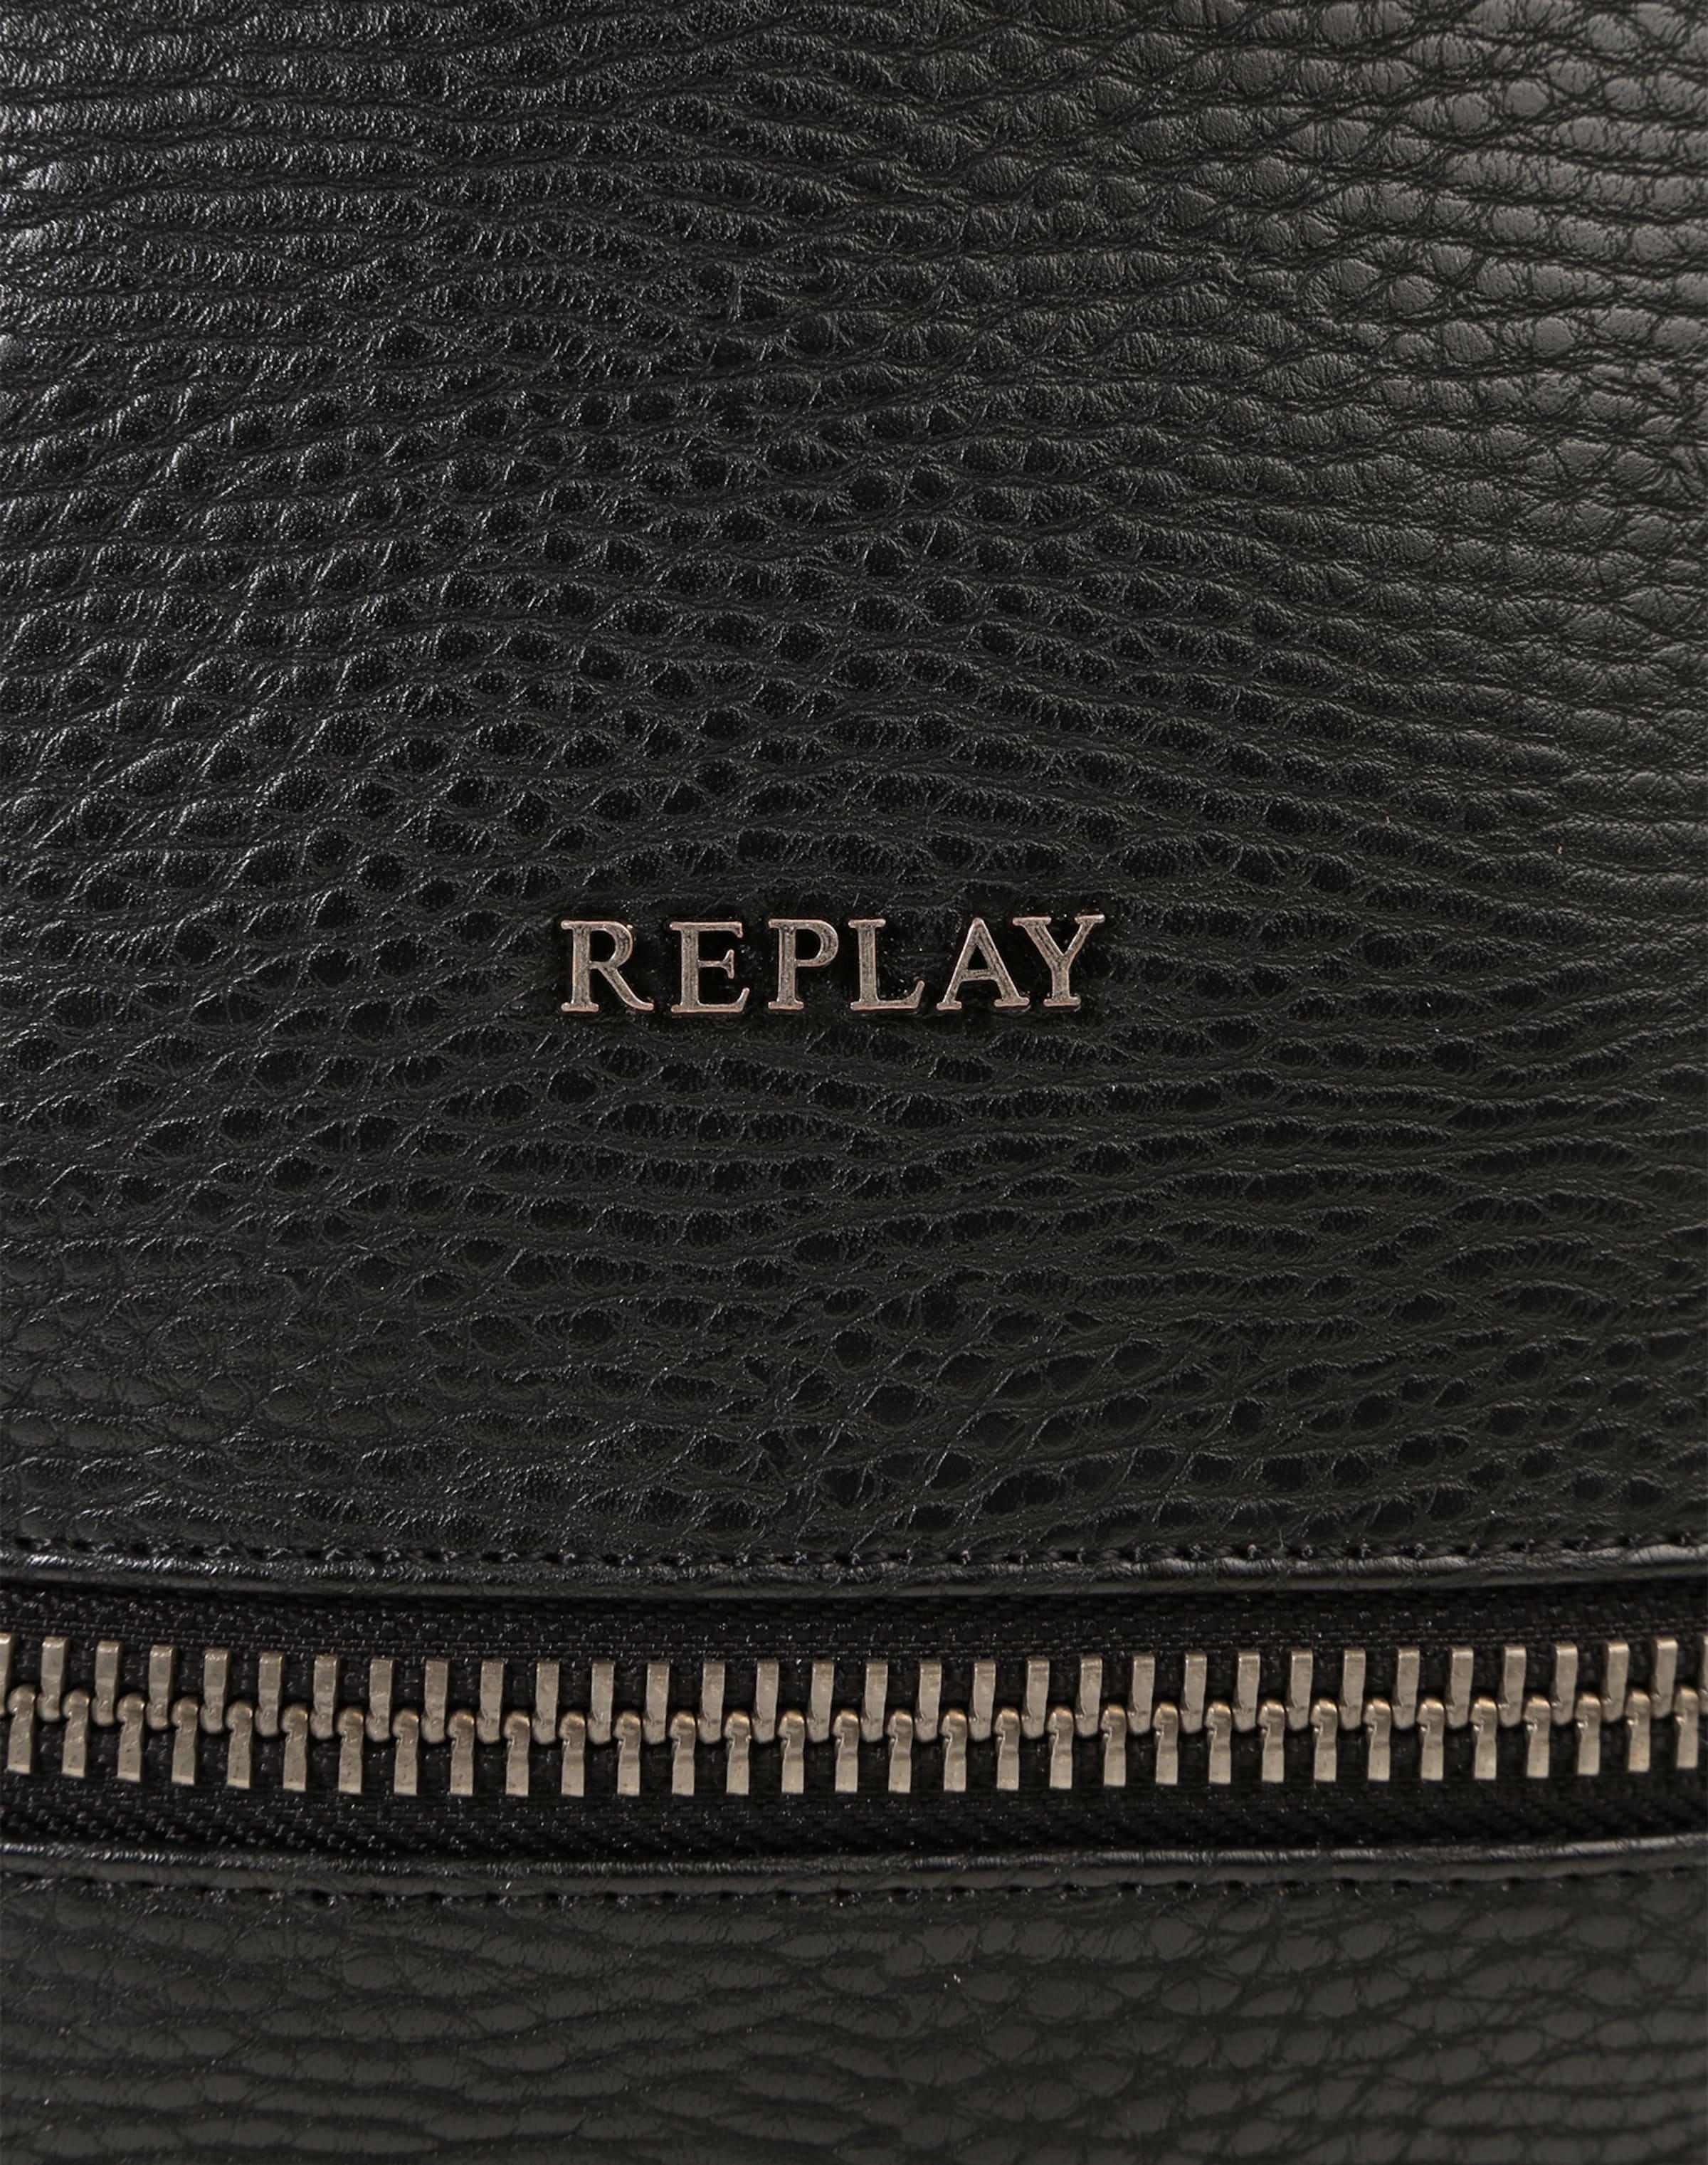 Günstig Kaufen Angebote REPLAY Rucksack mit Reißverschluss-Details Online Einkaufen Niedrige Versandgebühr Günstiger Preis sXHBE